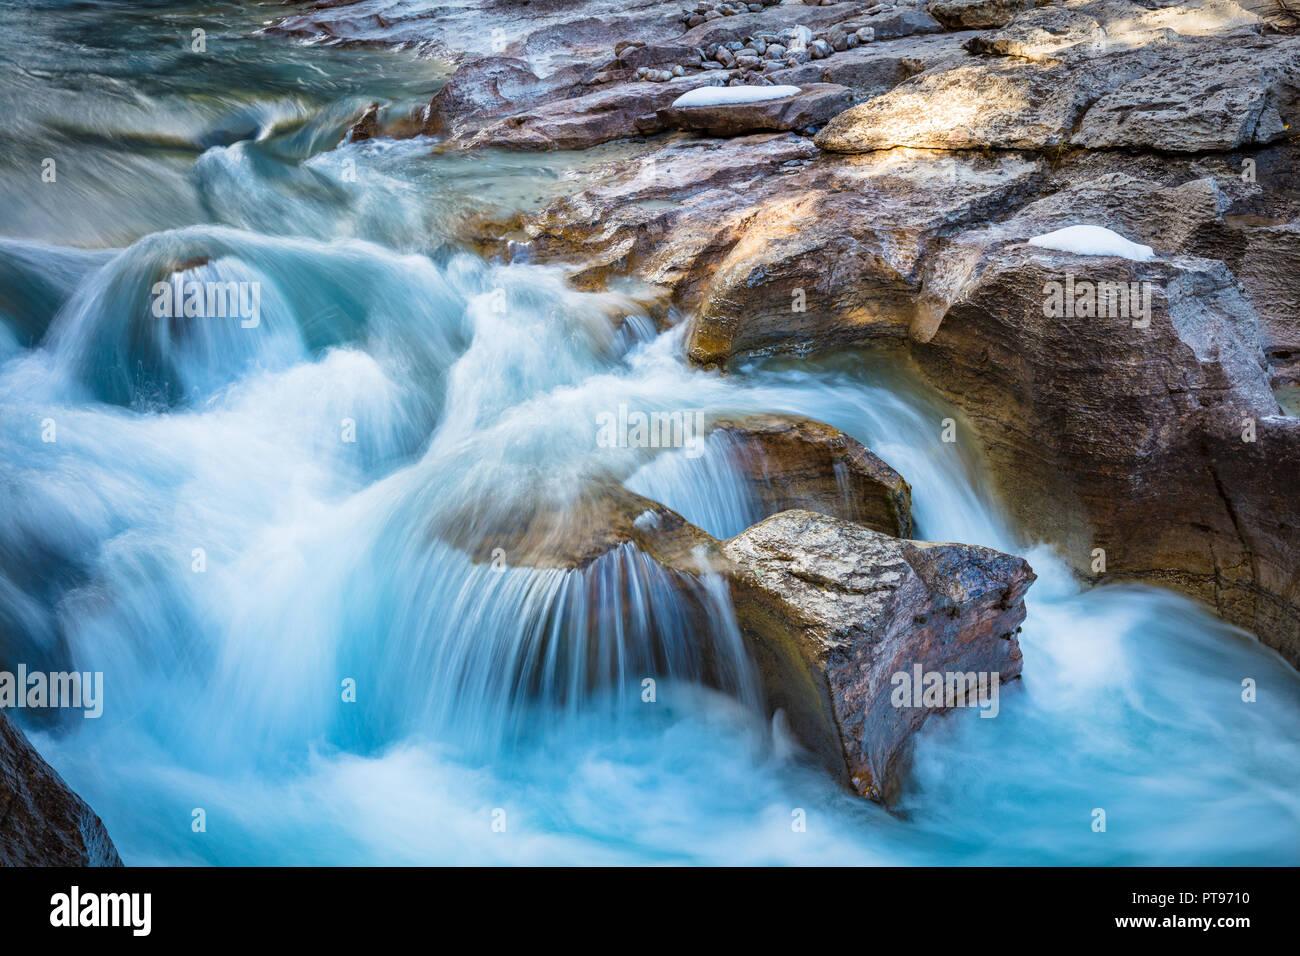 Nigel Short Creek es un arroyo situado en las Montañas Rocosas canadienses de Alberta, Canadá. Imagen De Stock